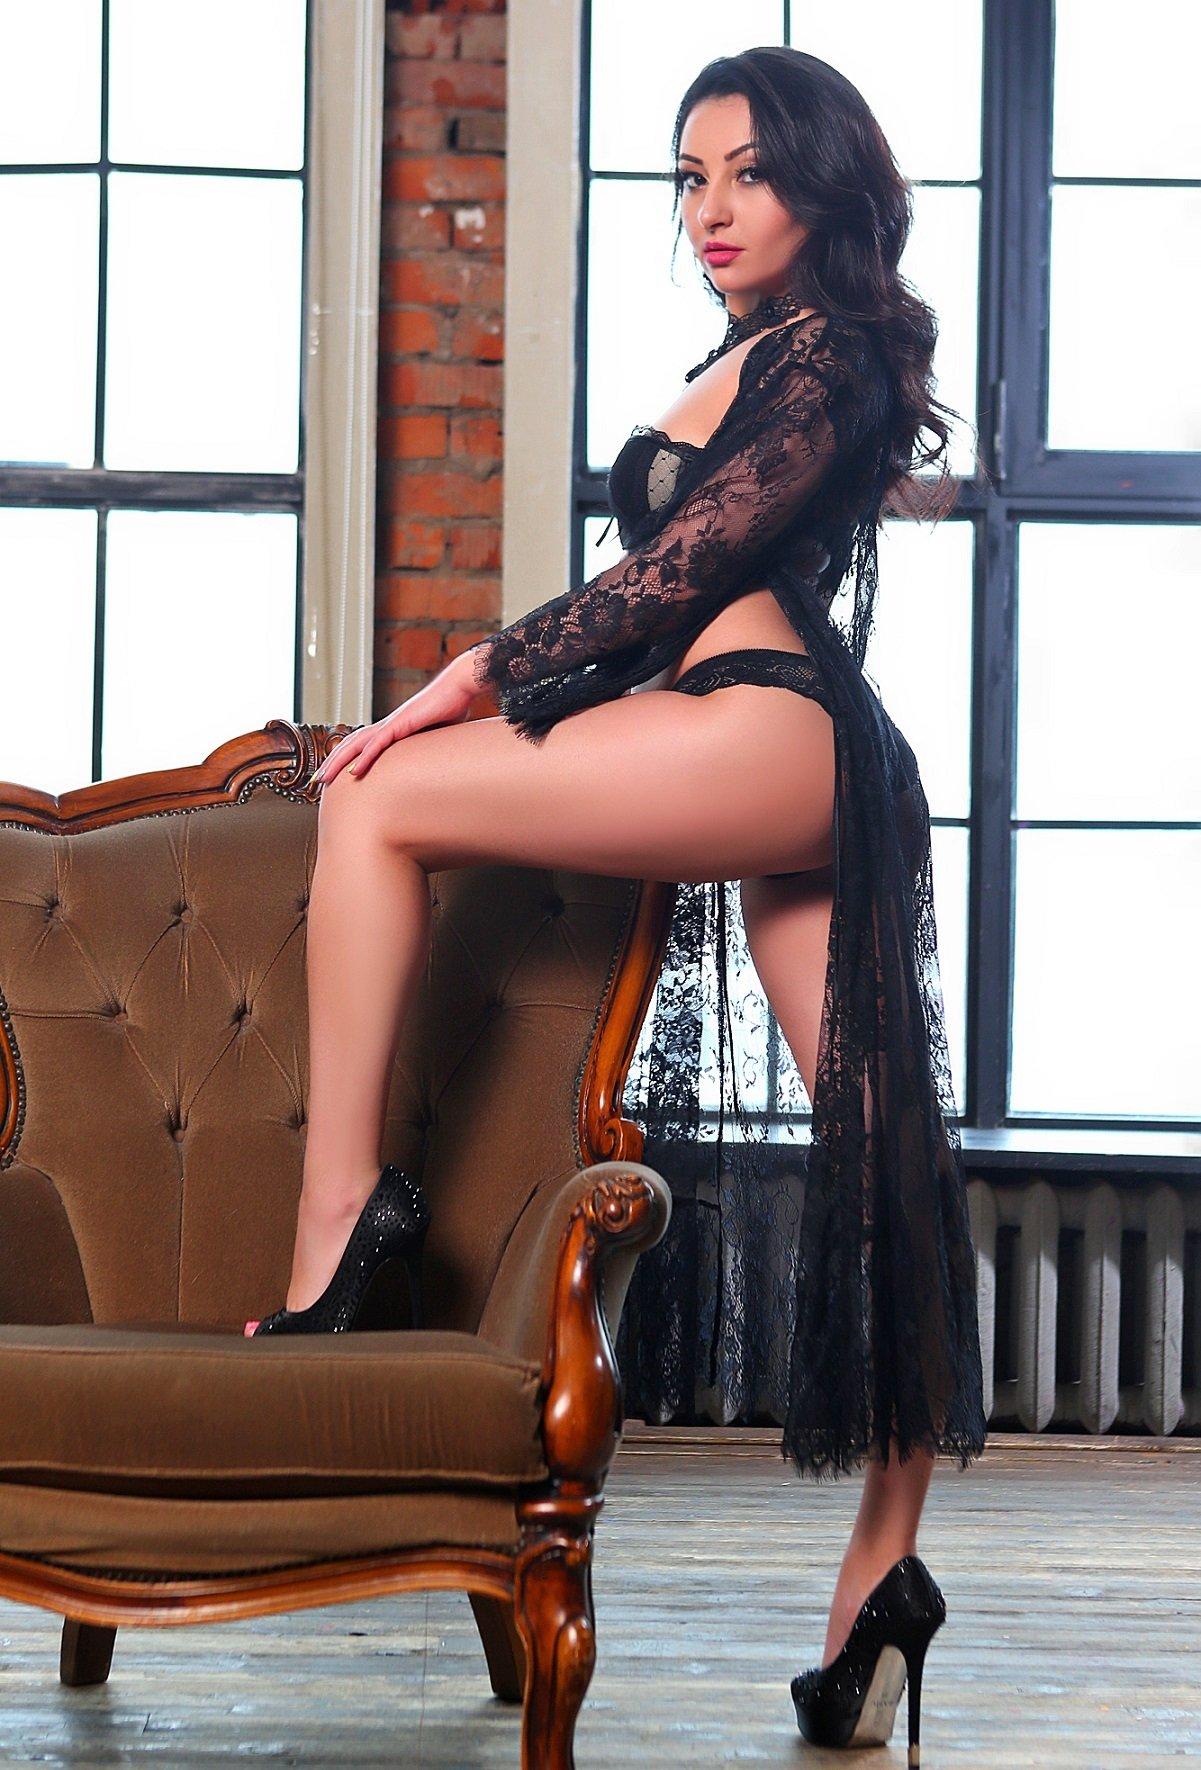 Где в москве снять проститутку днем проститутки самары недорого